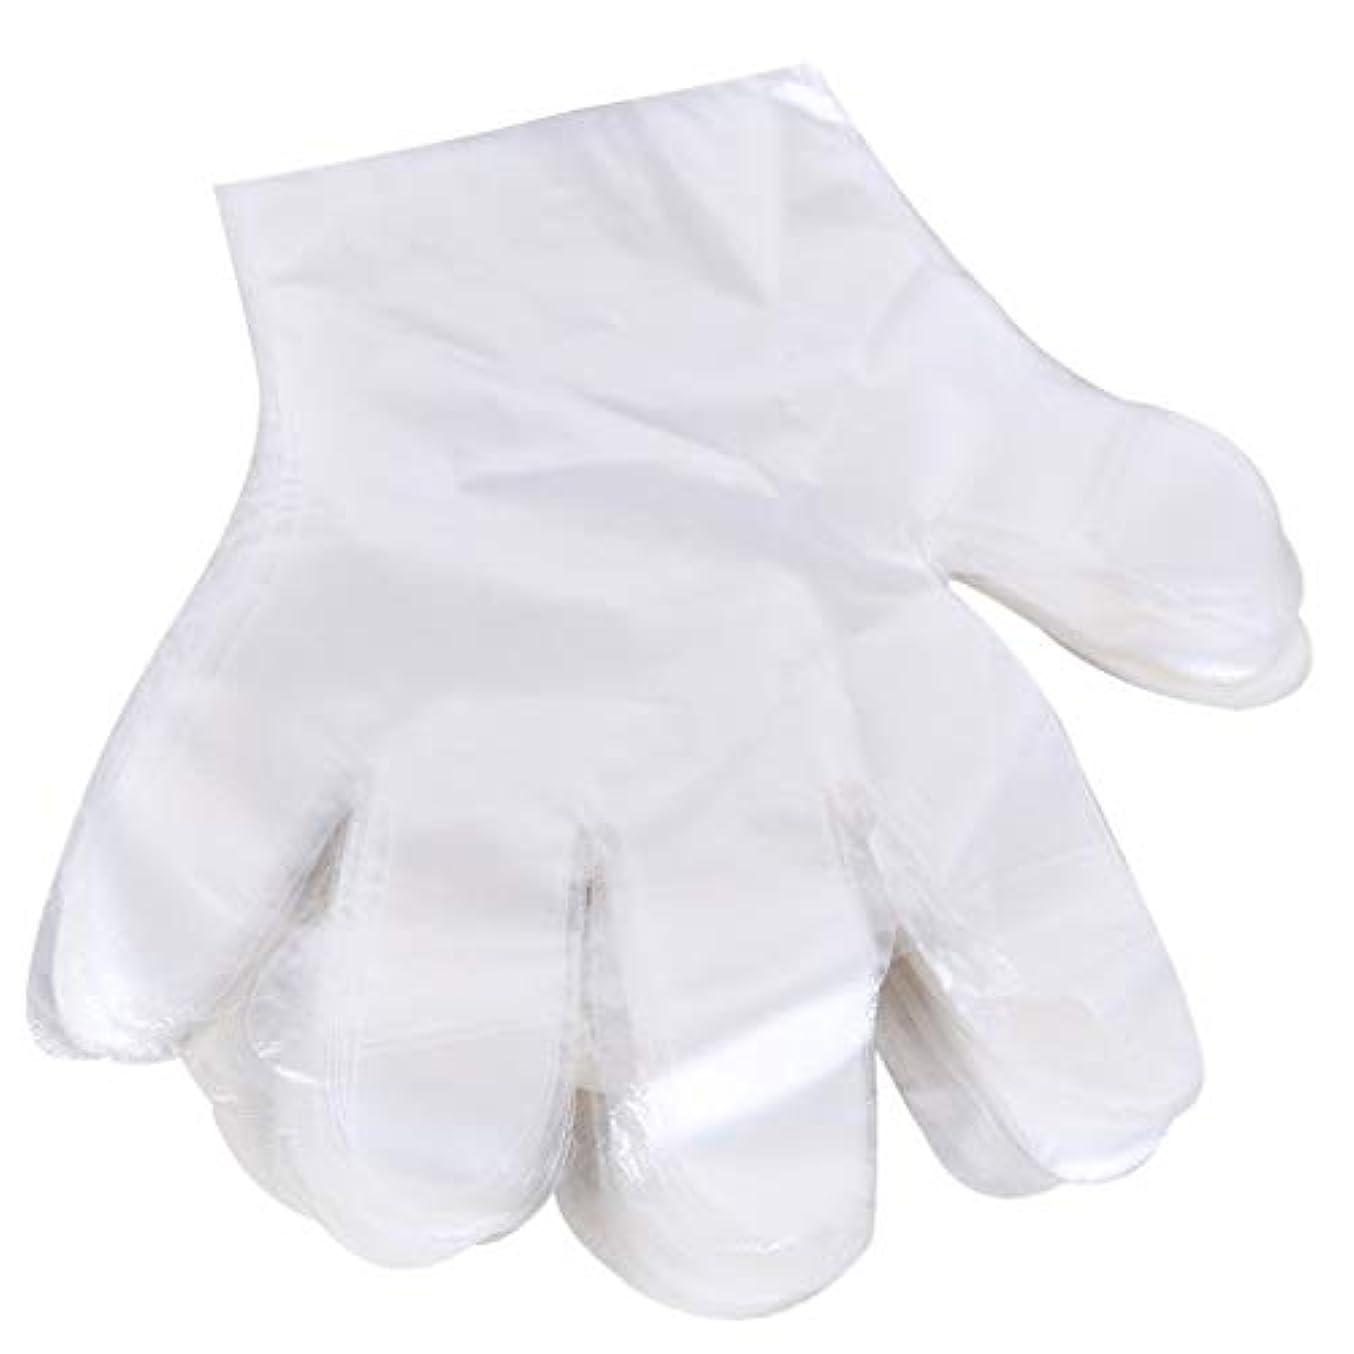 世界の窓平等月面1000 使い捨て手袋、ケータリングヘアマスク食品ロブスター厚い透明プラスチックpeフィルム手袋透明カバー YANW